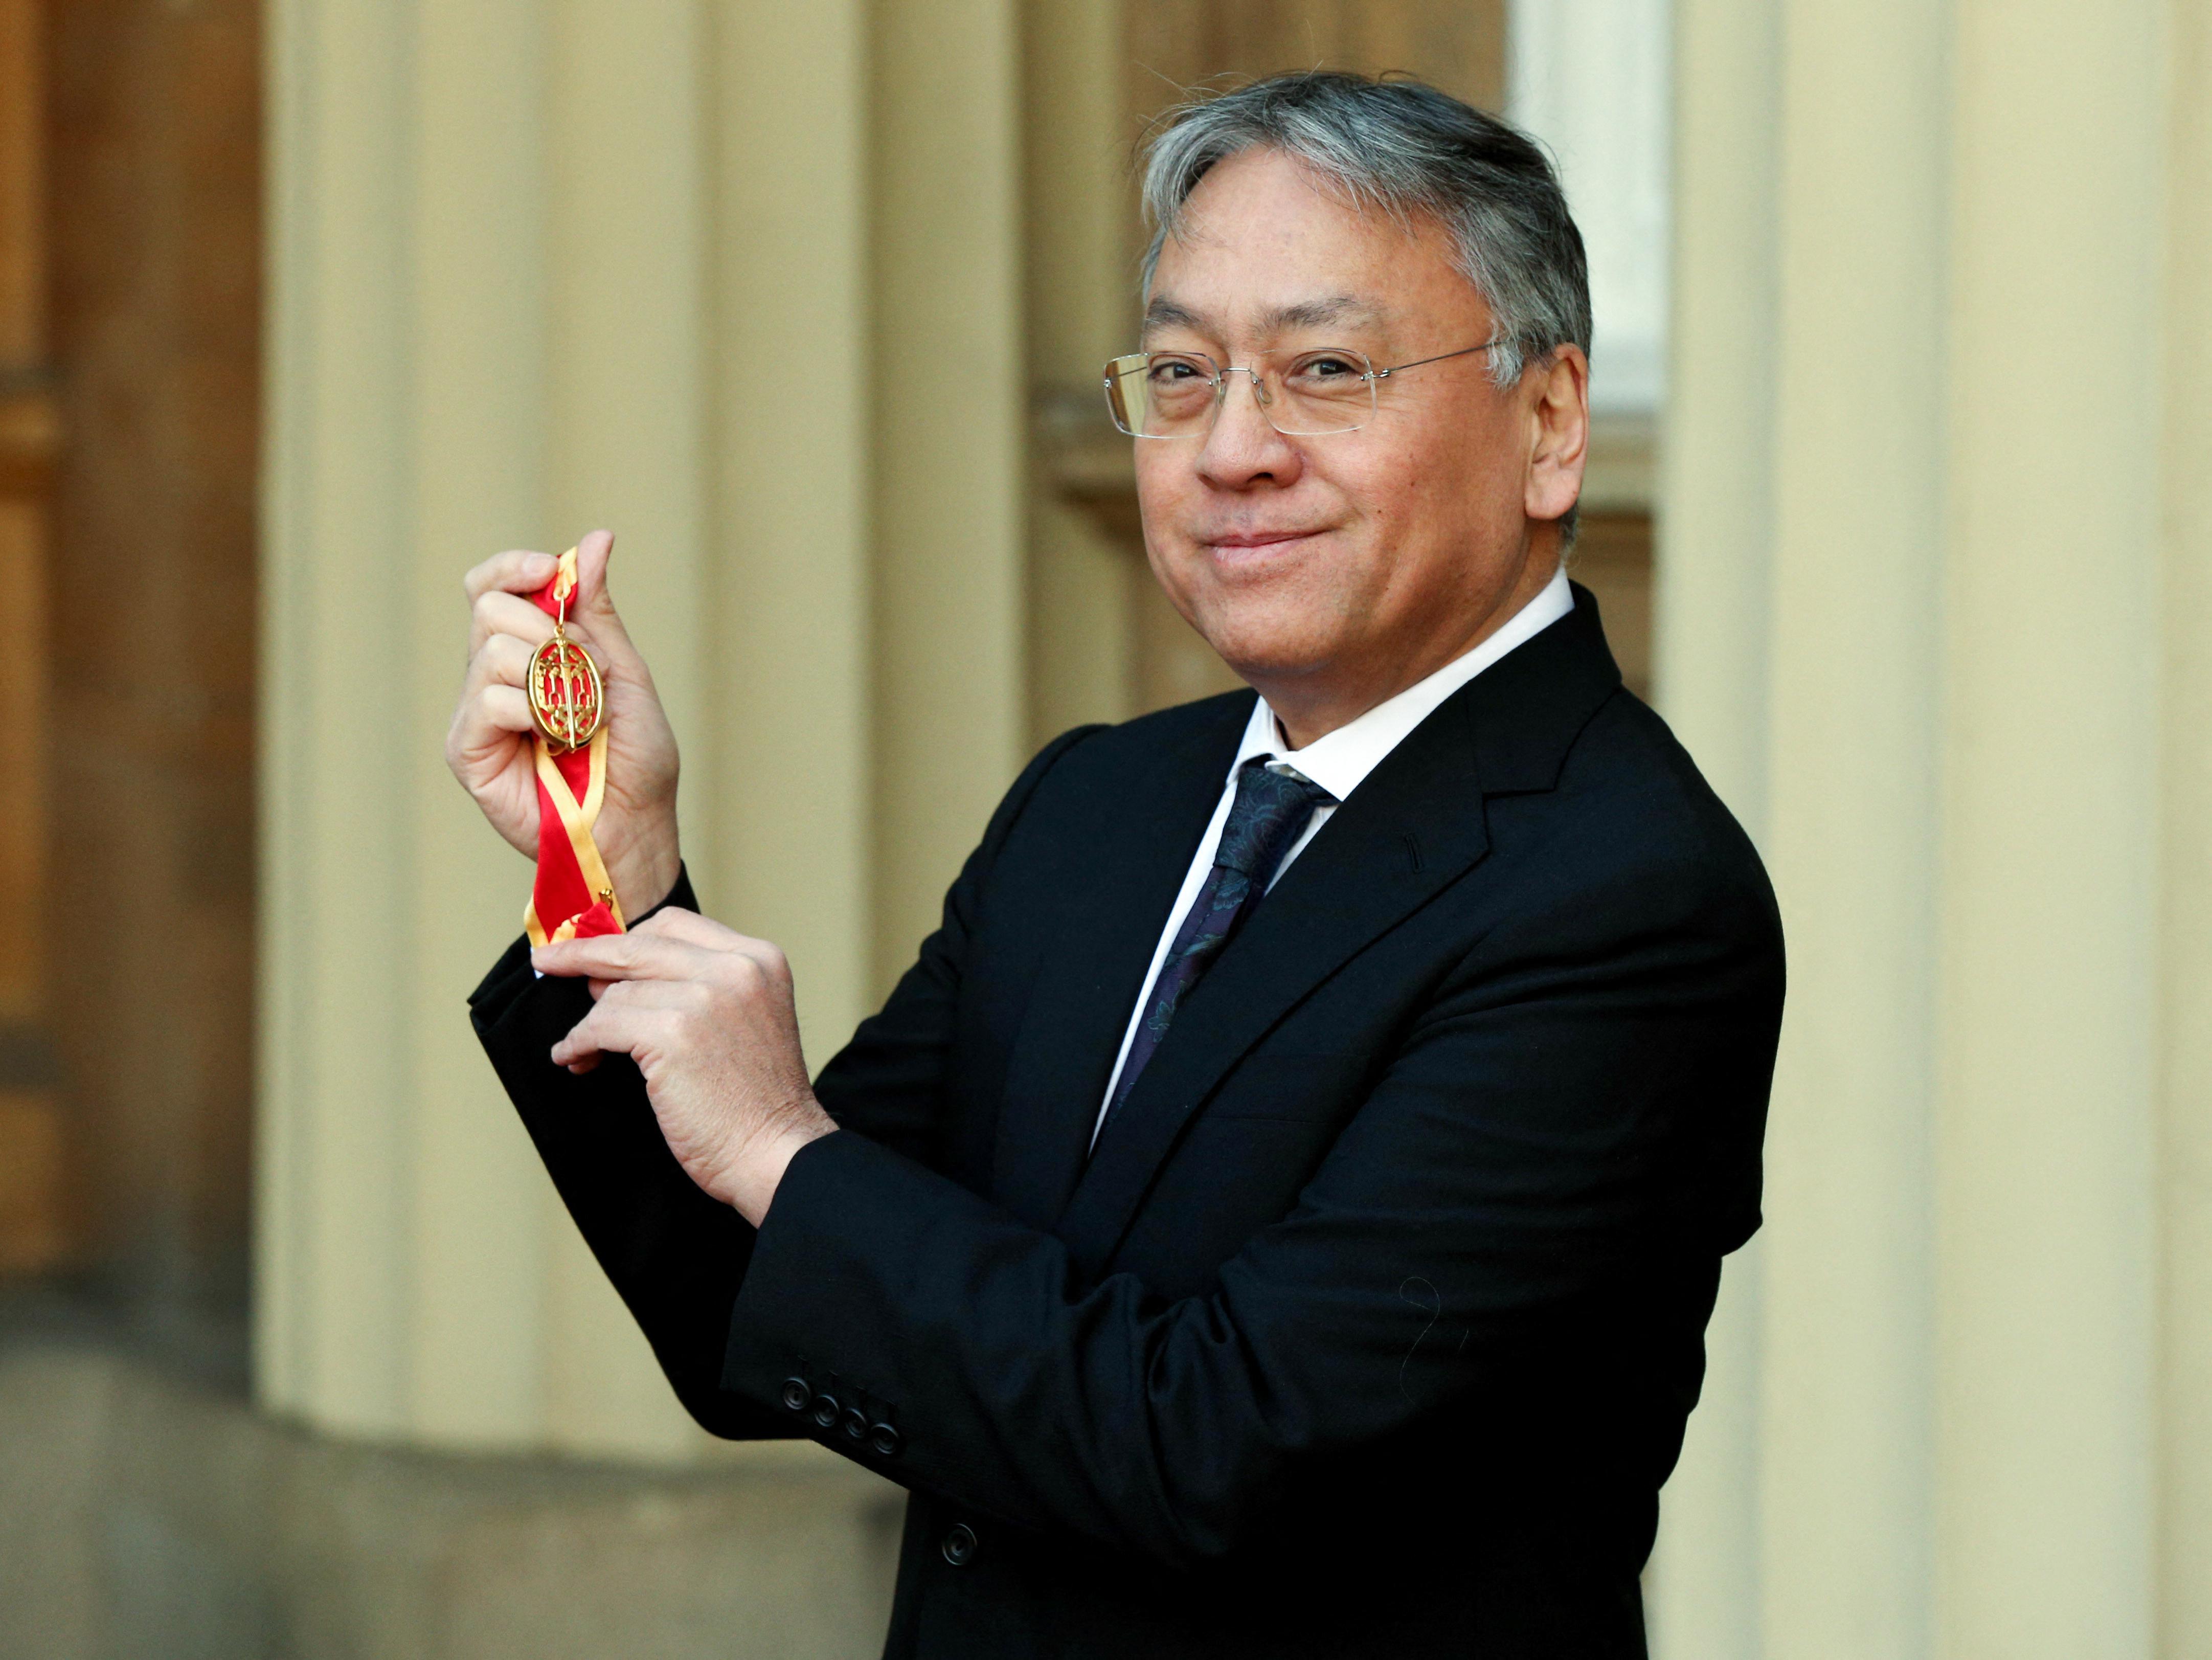 Az online lincselő kommentelőktől félti a fiatal írókat Sir Kazuo Ishiguro